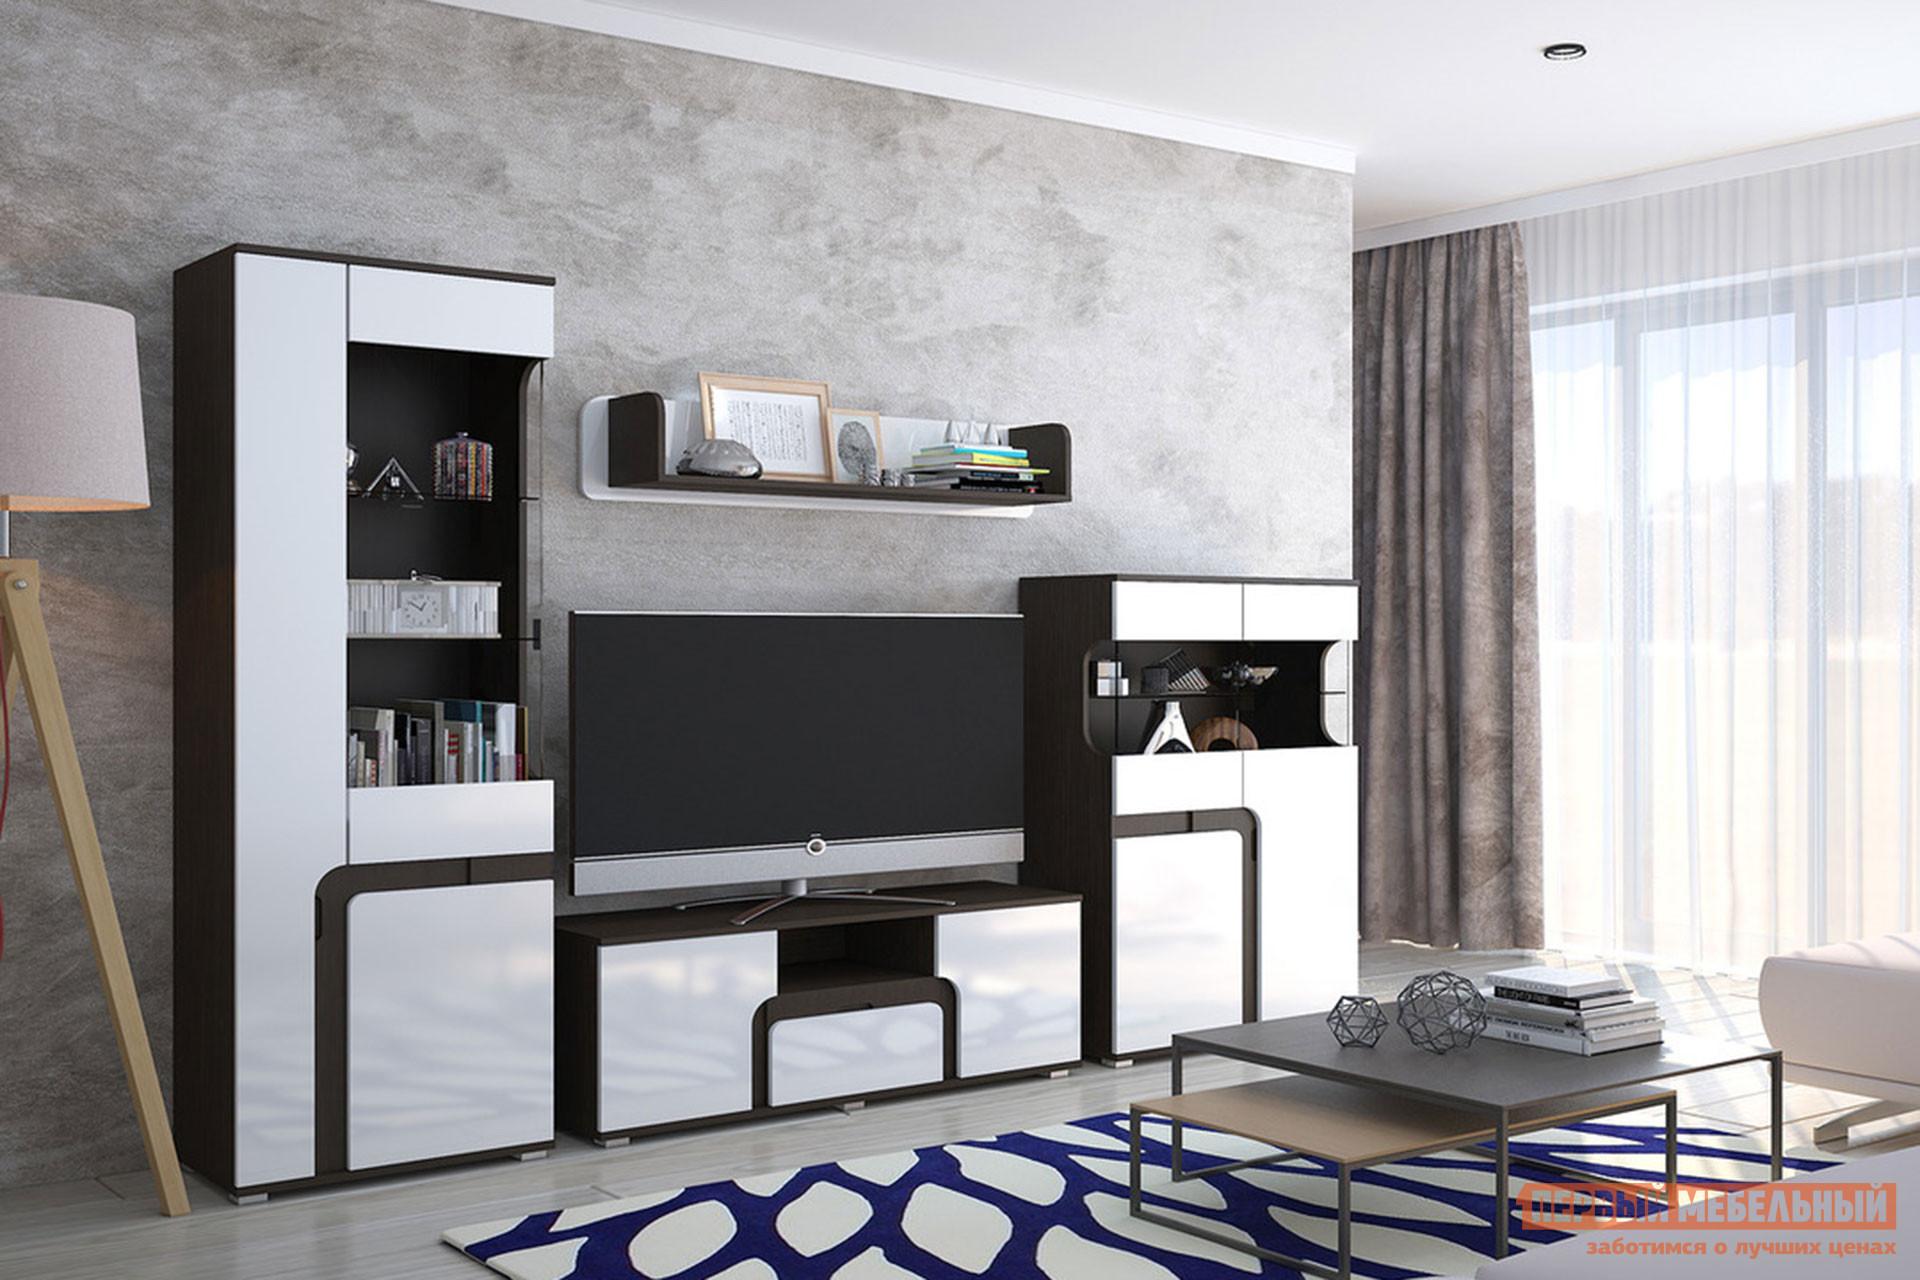 Стенка-горка в гостиную Первый Мебельный Марсель